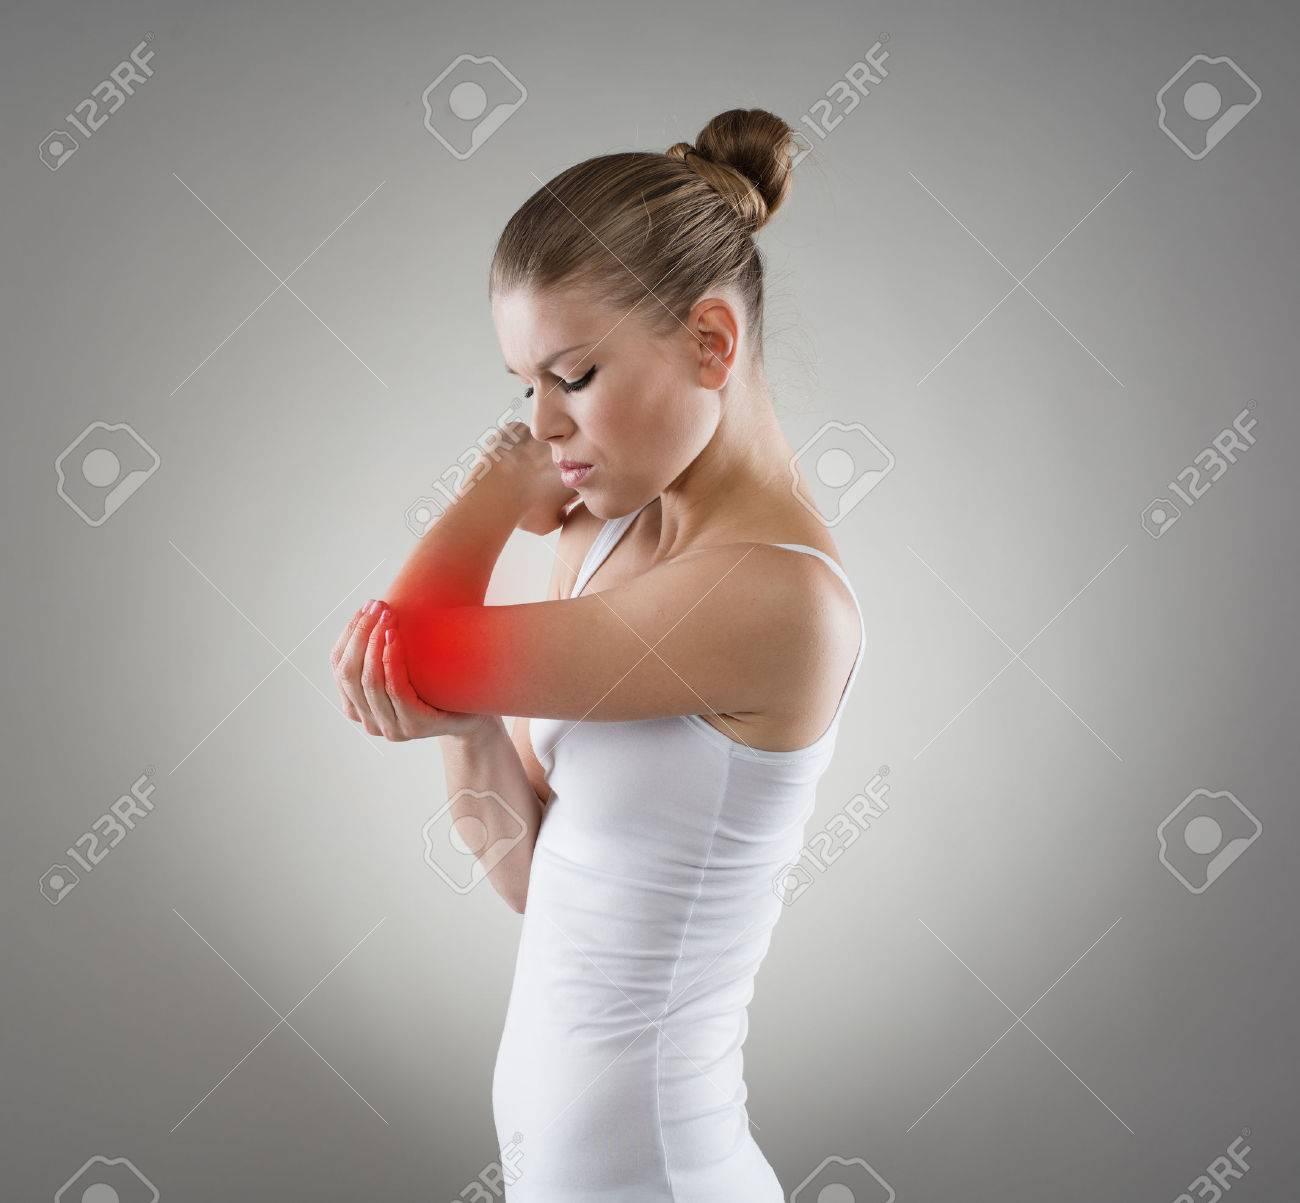 espinacas contienen acido urico como disolver calculos renales de acido urico mis remedios caseros para la gota